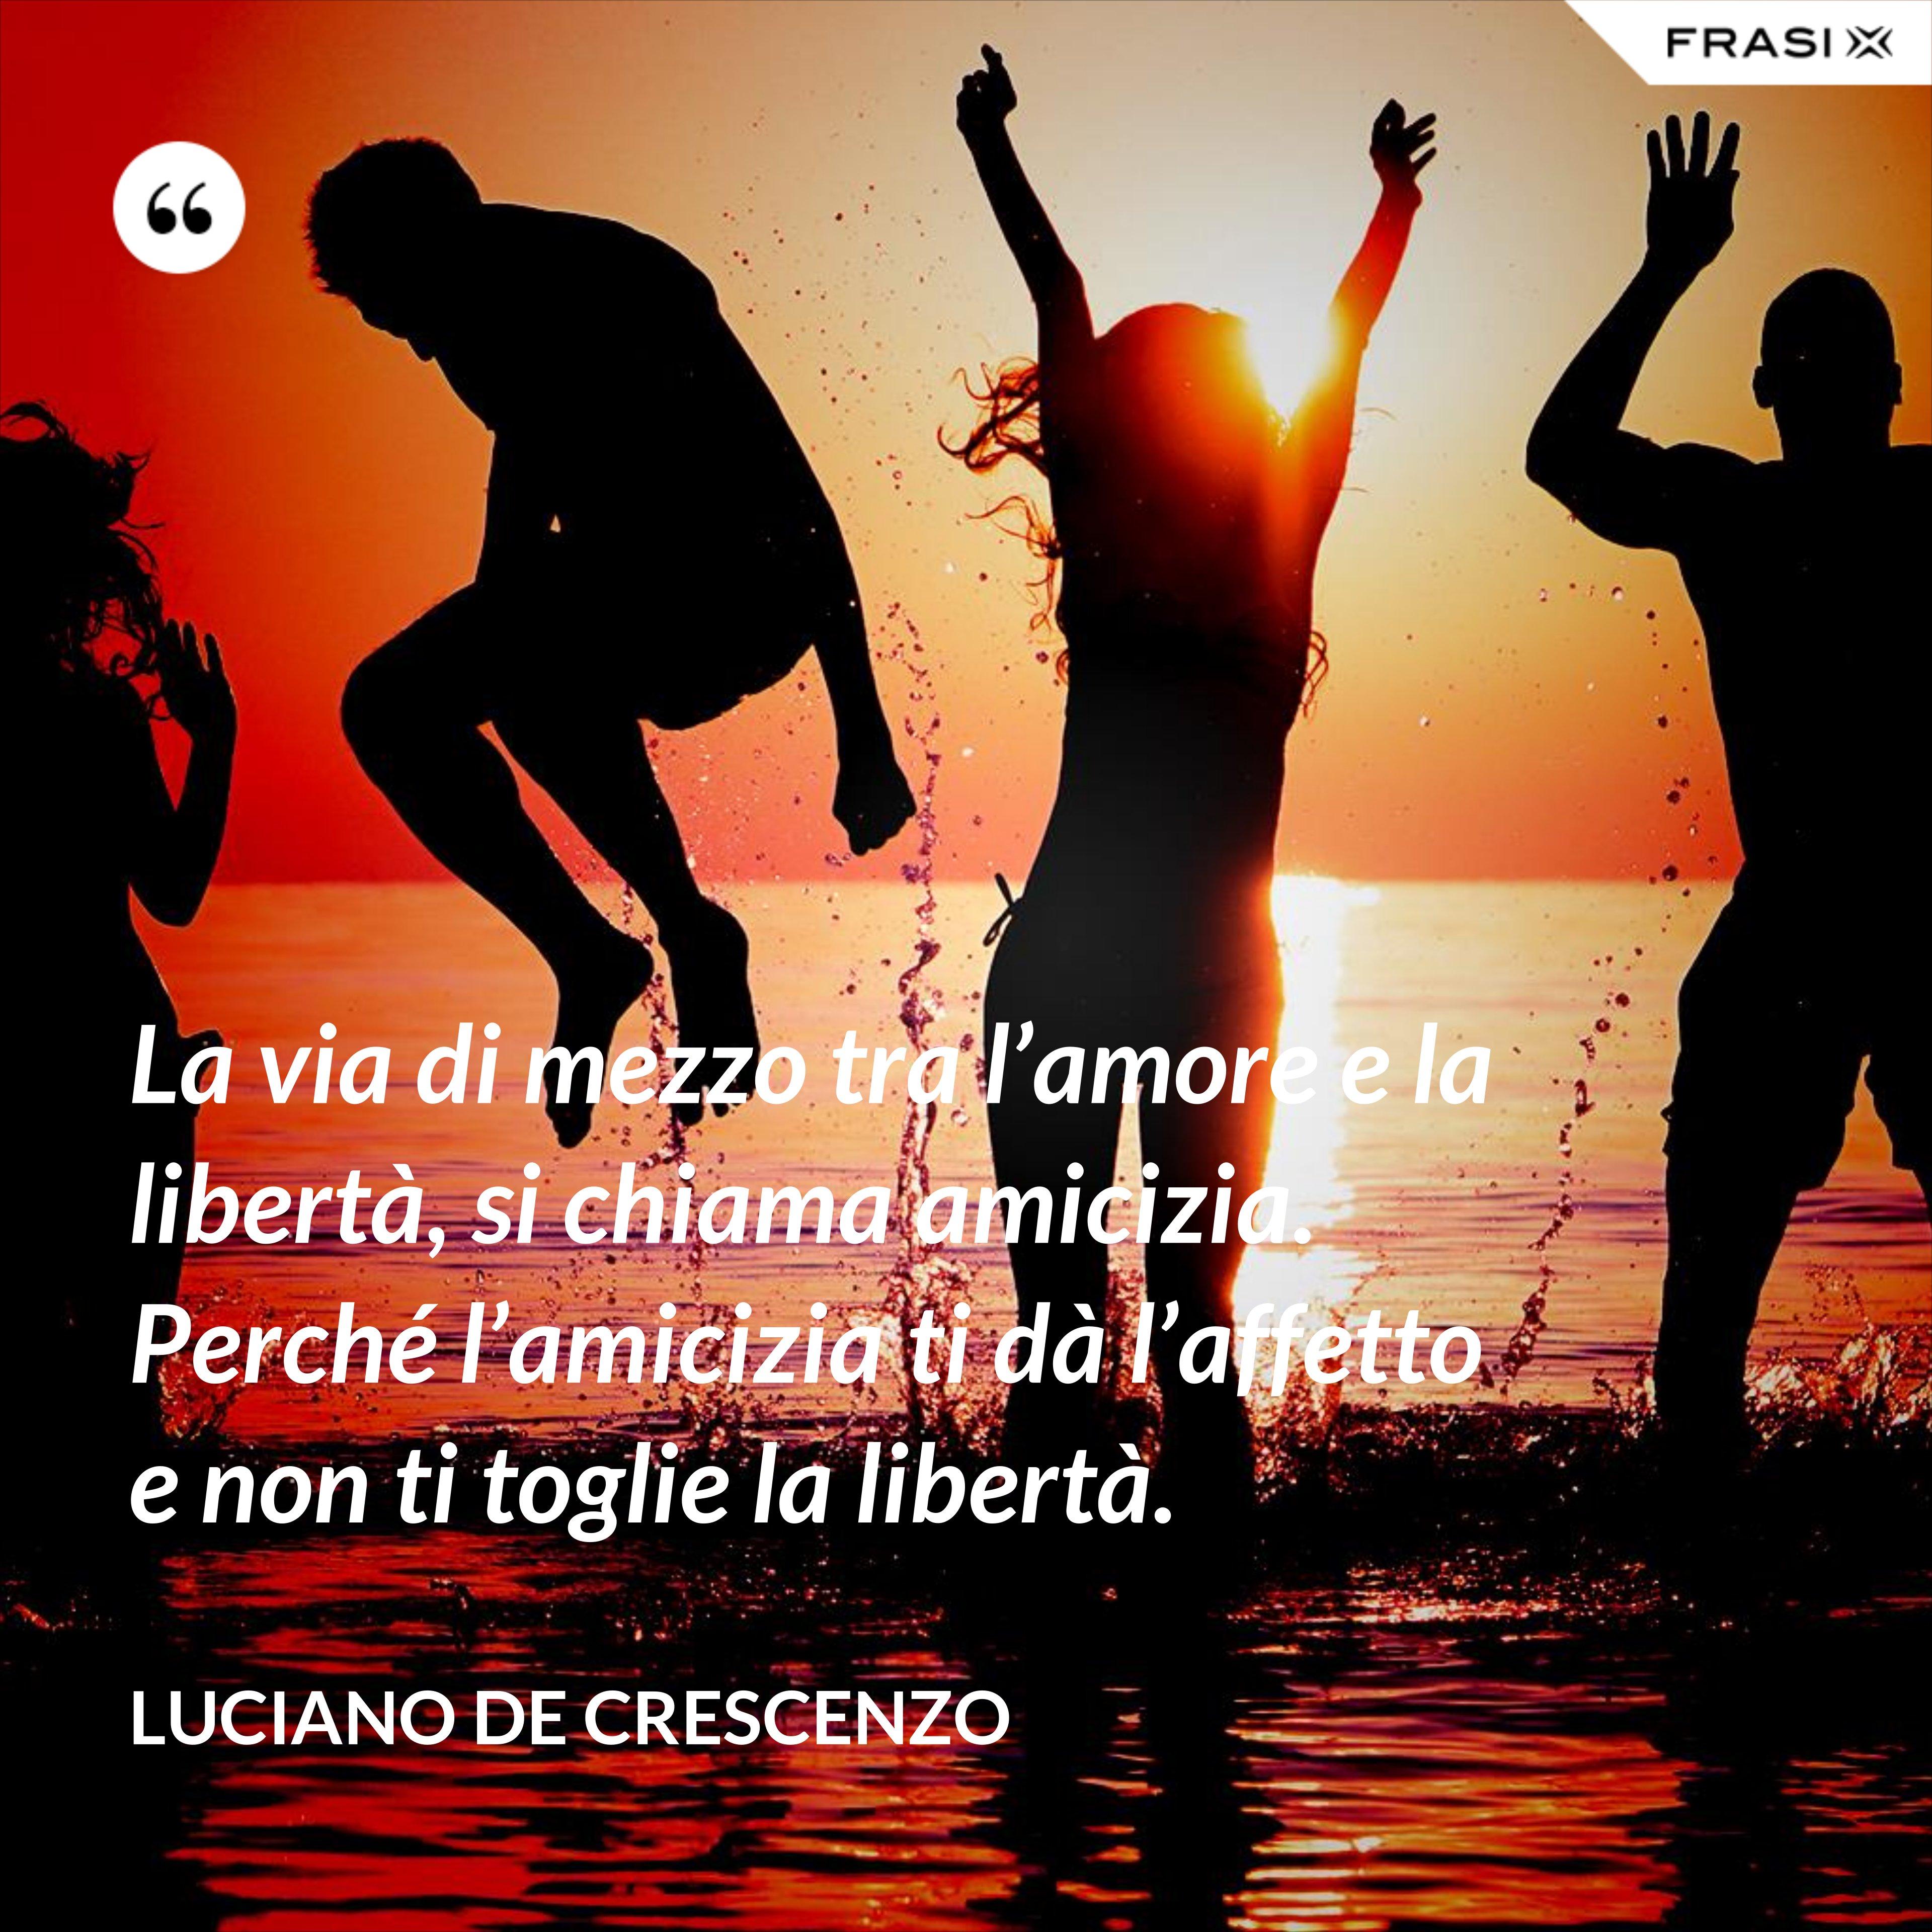 La via di mezzo tra l'amore e la libertà, si chiama amicizia. Perché l'amicizia ti dà l'affetto e non ti toglie la libertà. - Luciano De Crescenzo